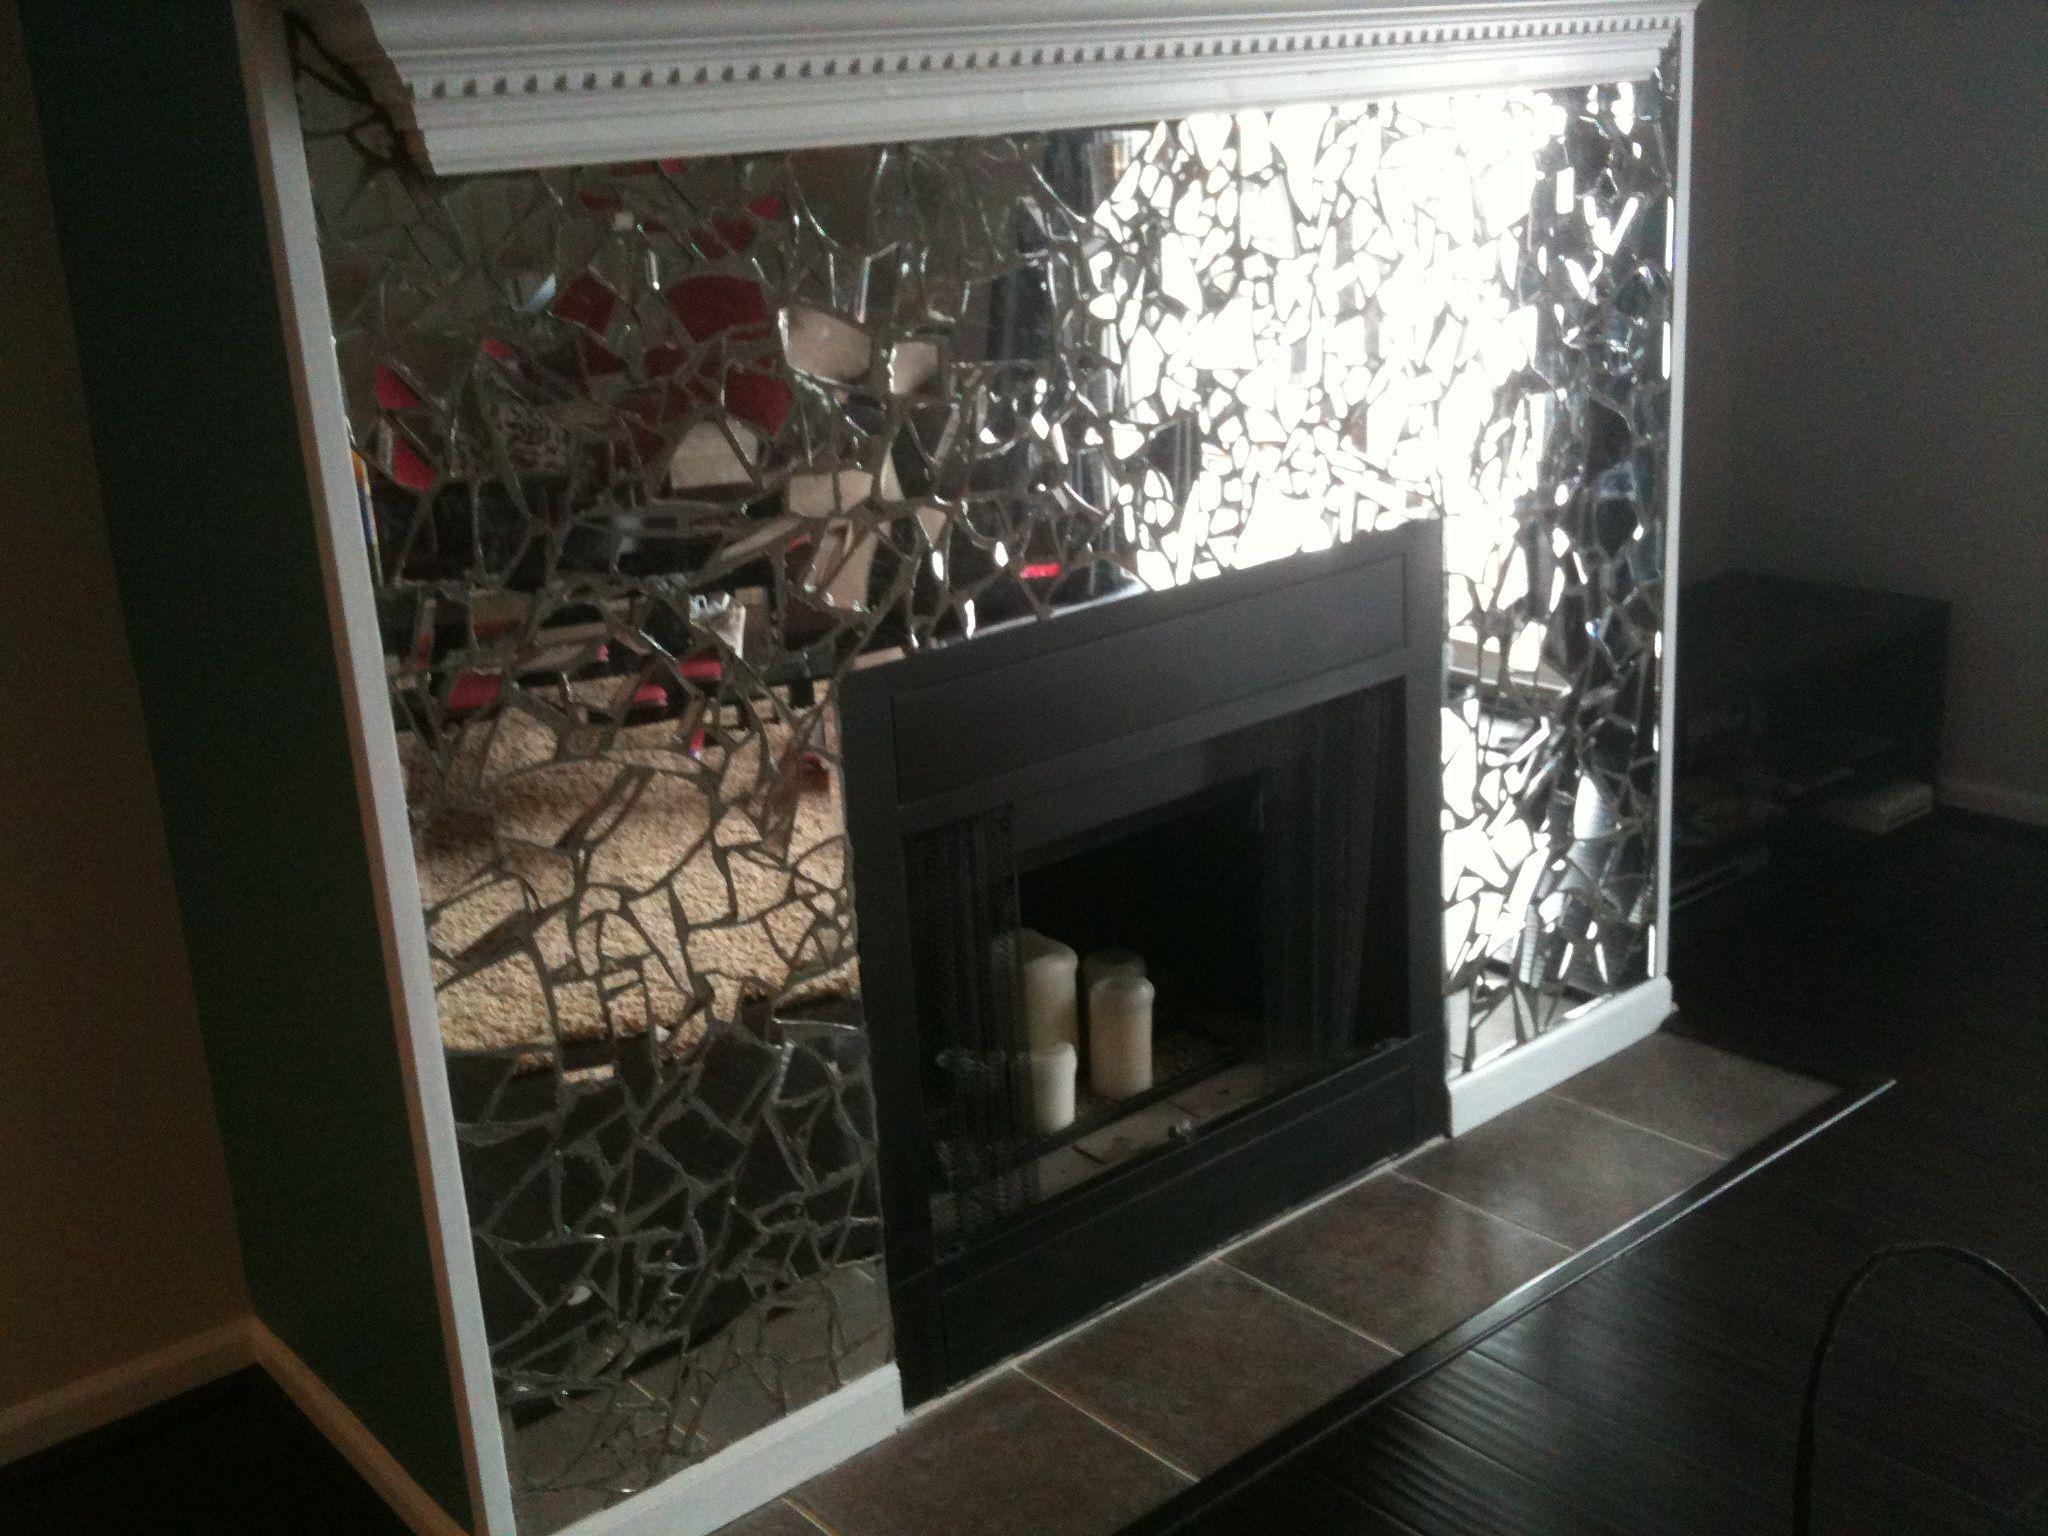 Mirrored mosaic